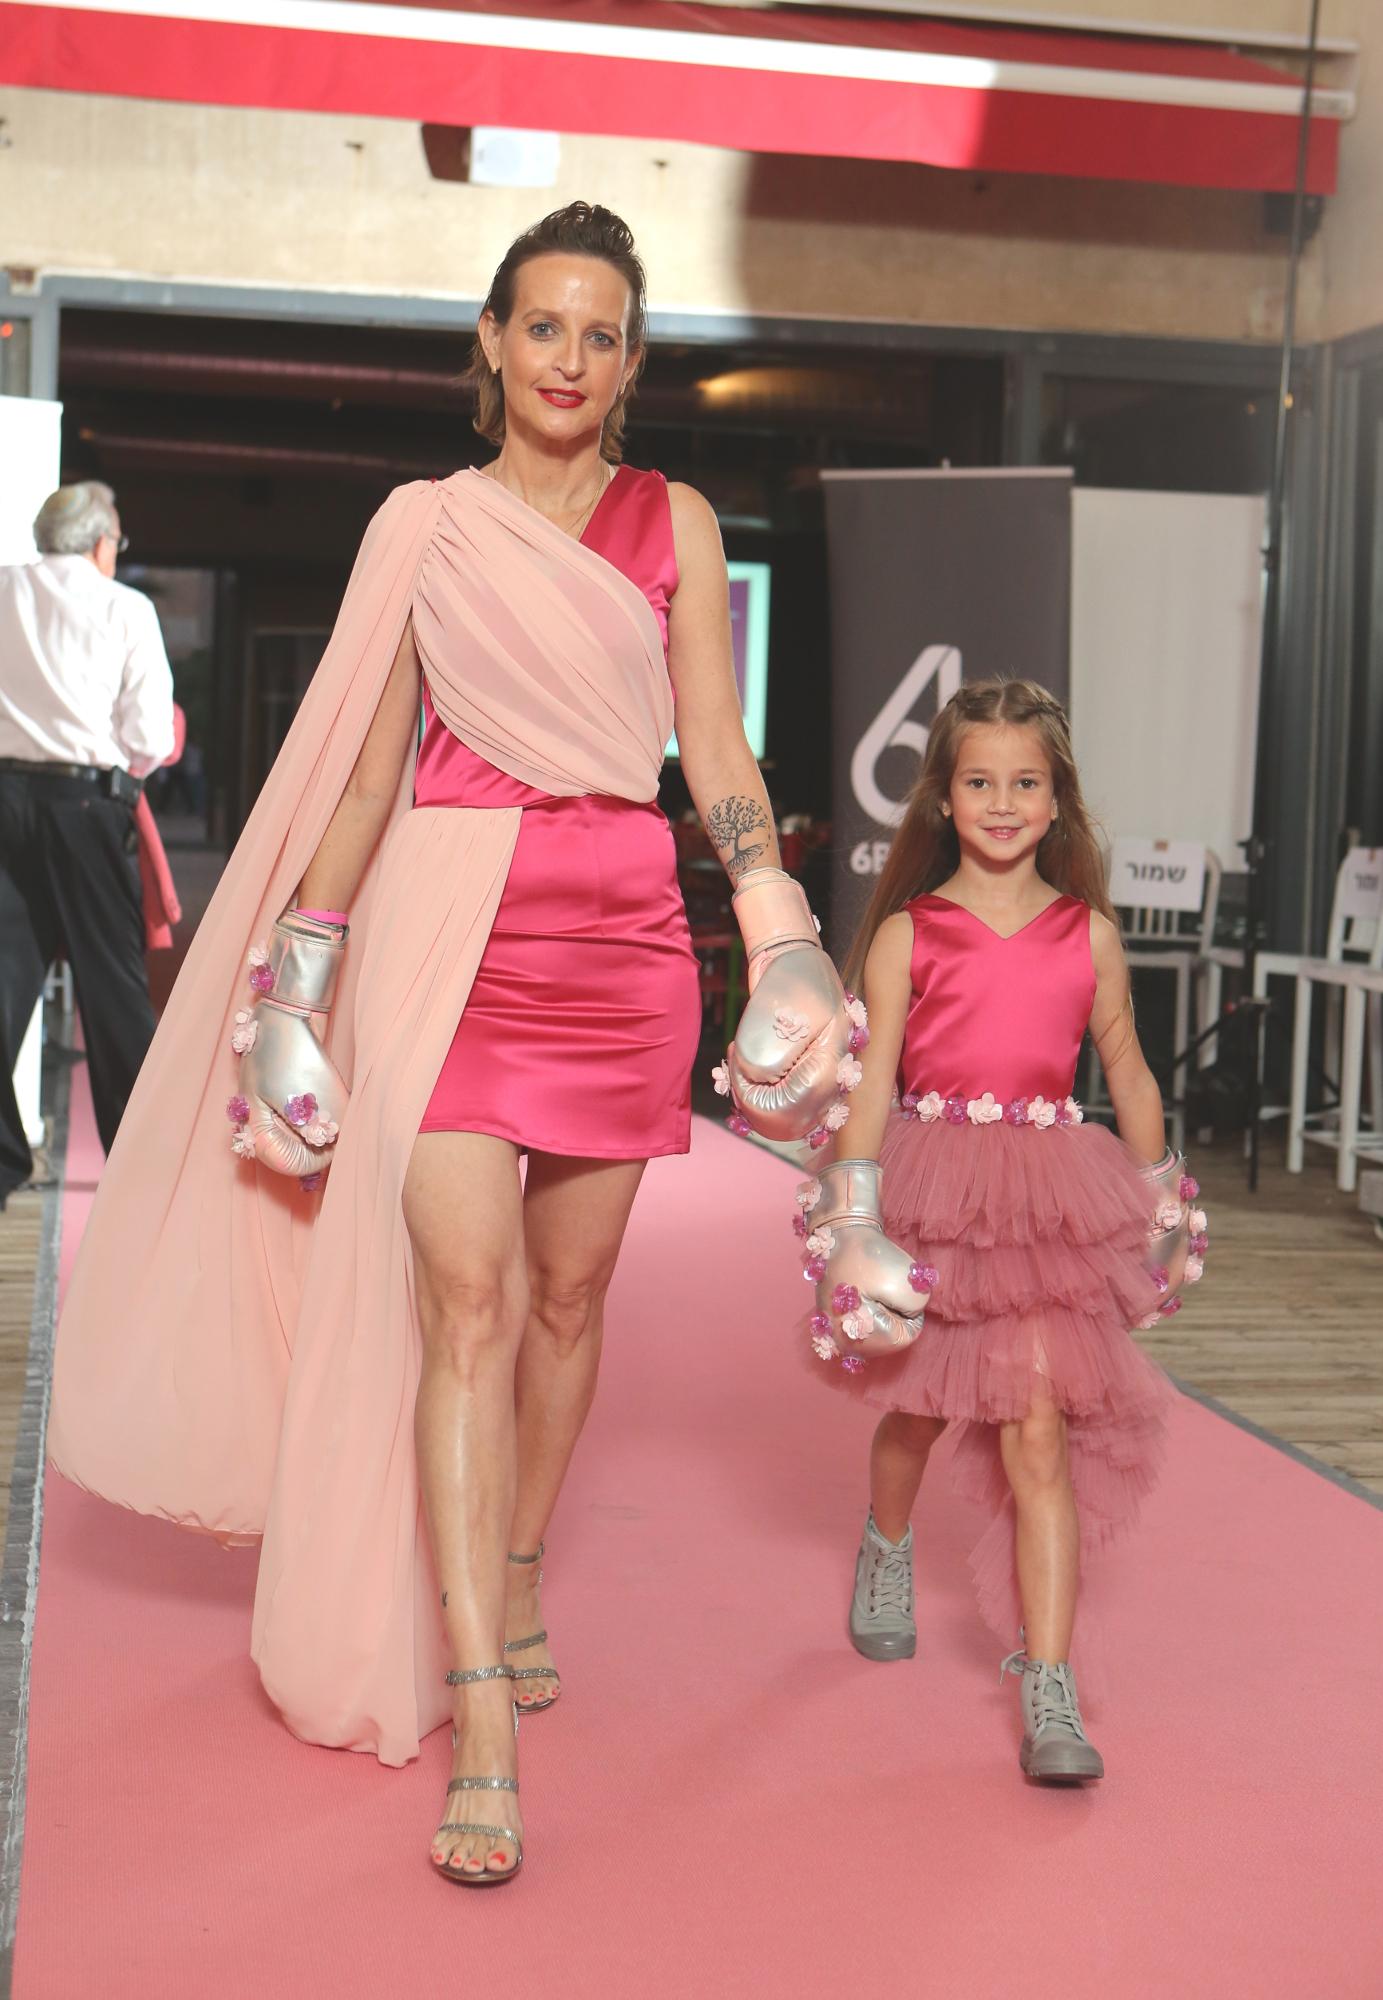 אם ובתה צועדות על מסלול תצוגת האופנה של סטודיו 6b | צילום: דביר רוזן